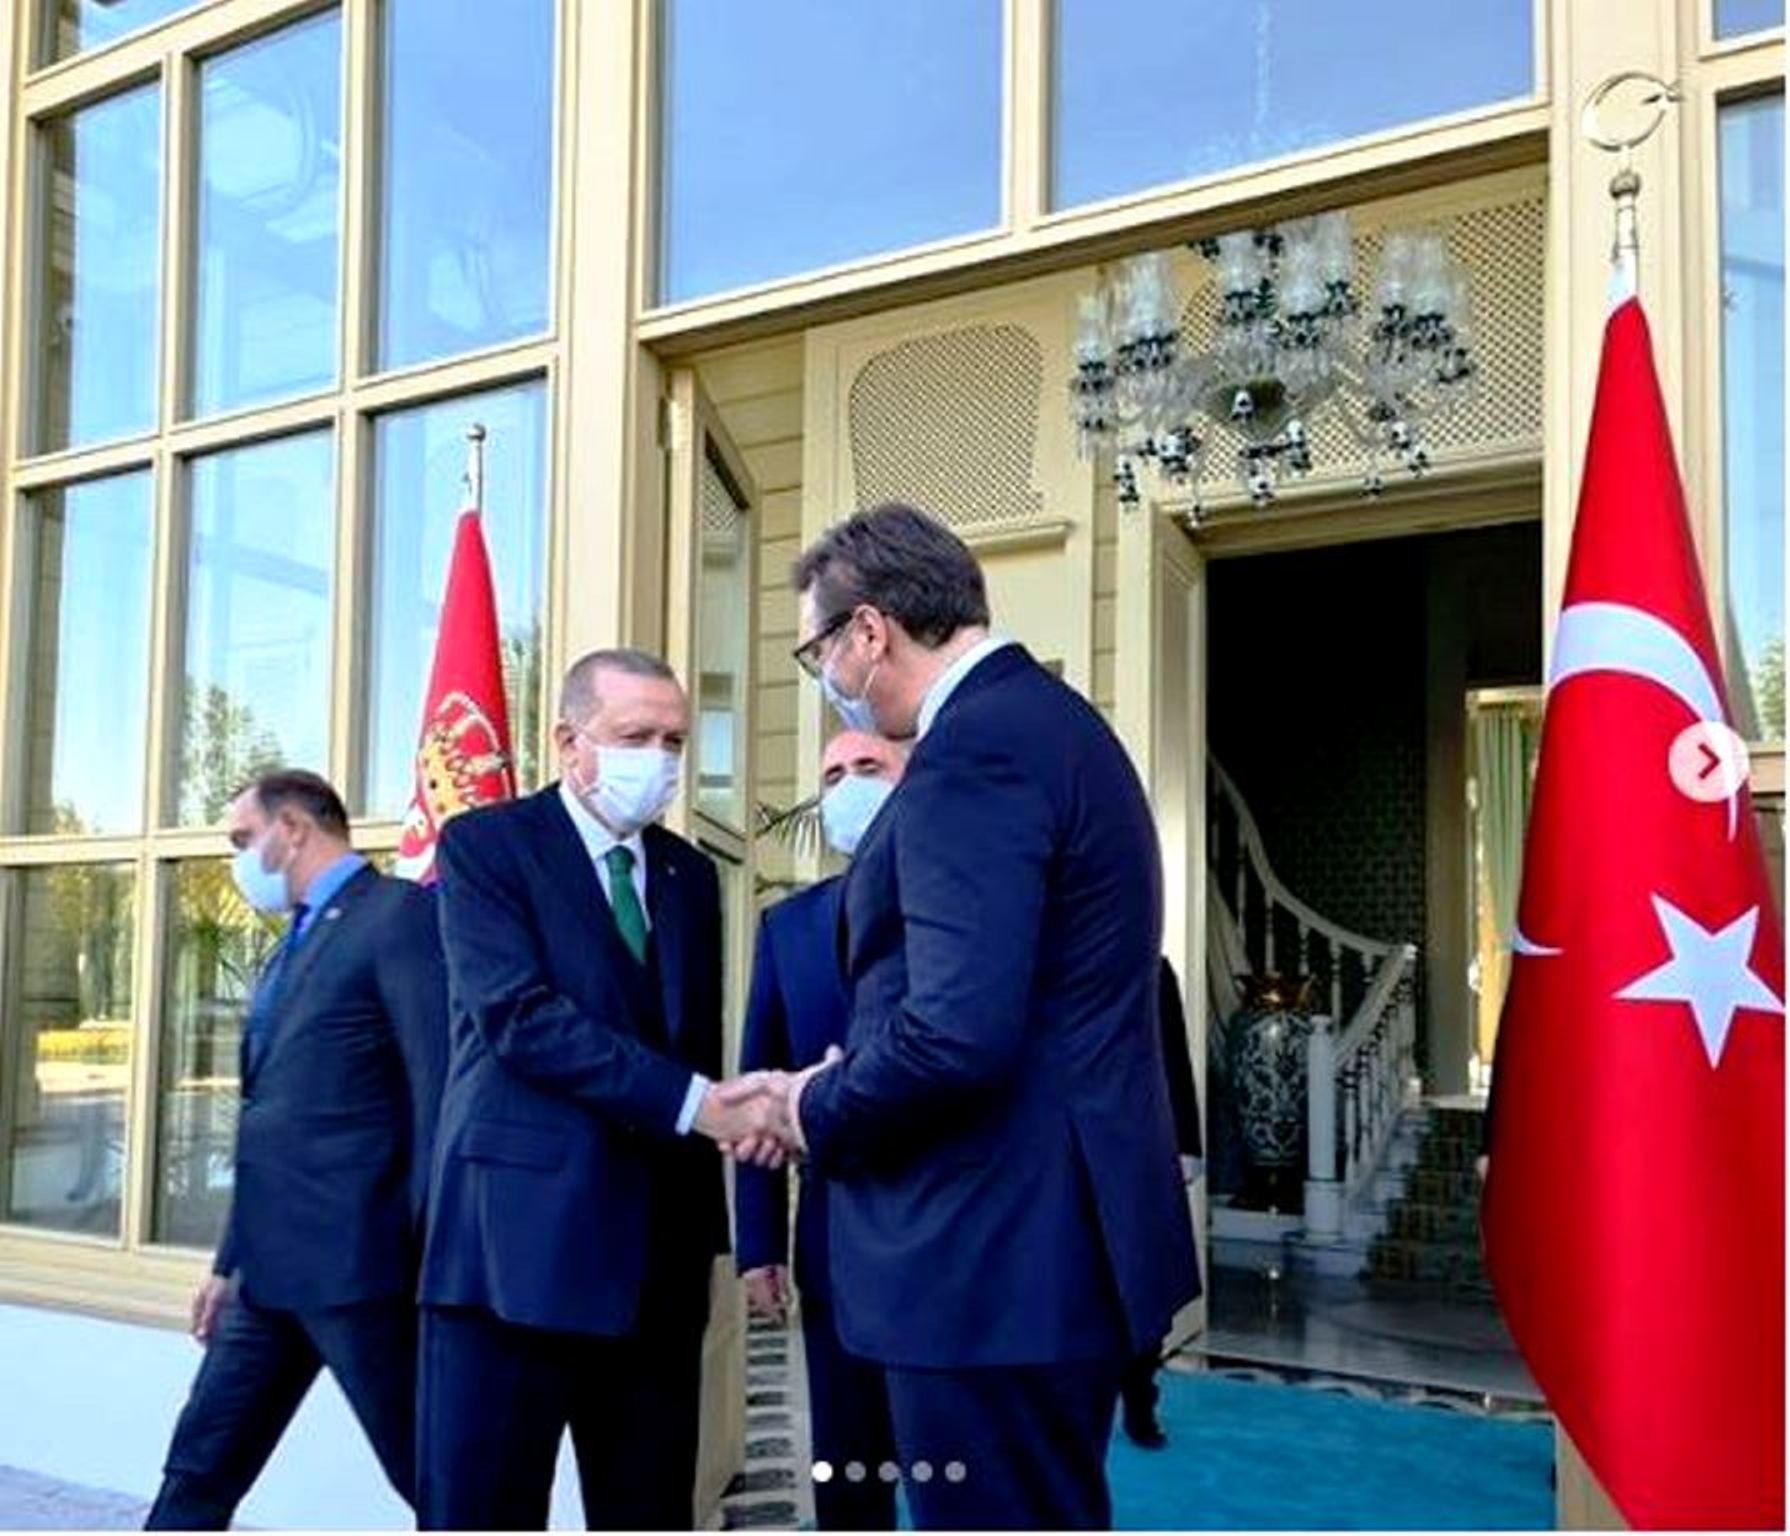 Πρόεδρος Σερβίας στη συνάντηση με Ερντογάν: Οι Έλληνες είναι φίλοι μας, αλλά εμείς έχουμε τα δικά μας συμφέροντα